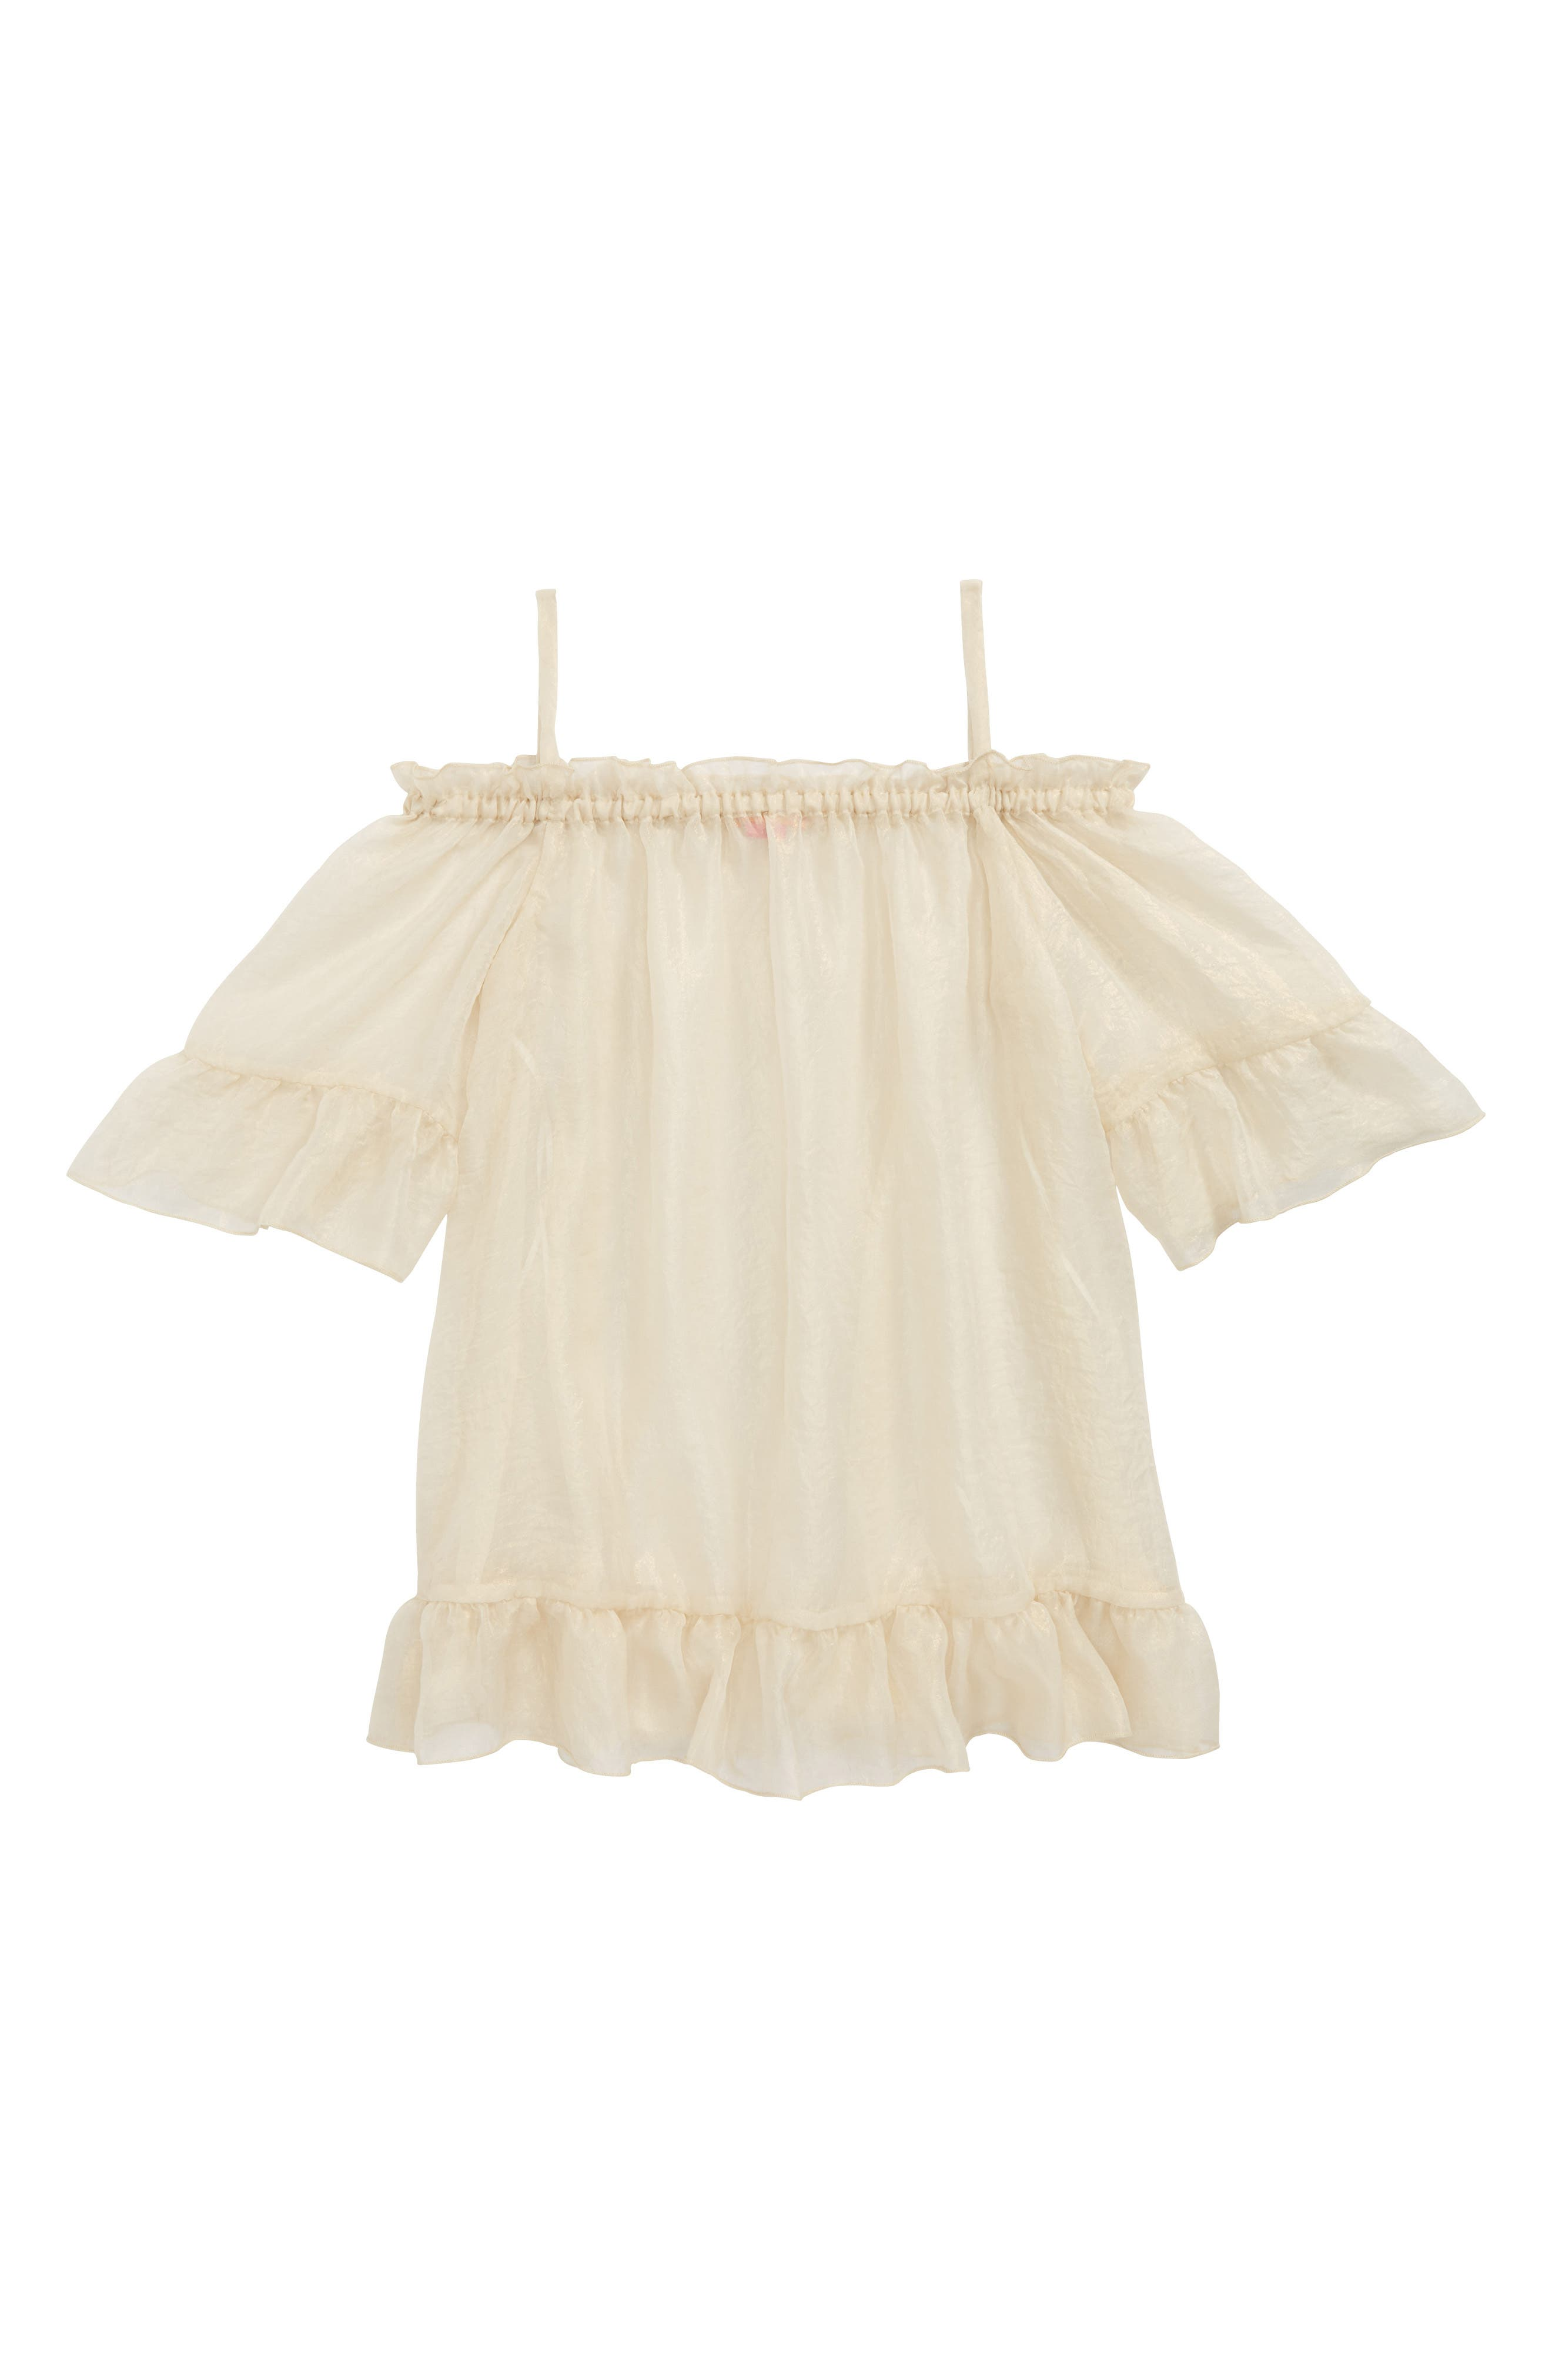 Chiffon Cover-Up Dress,                             Main thumbnail 1, color,                             710